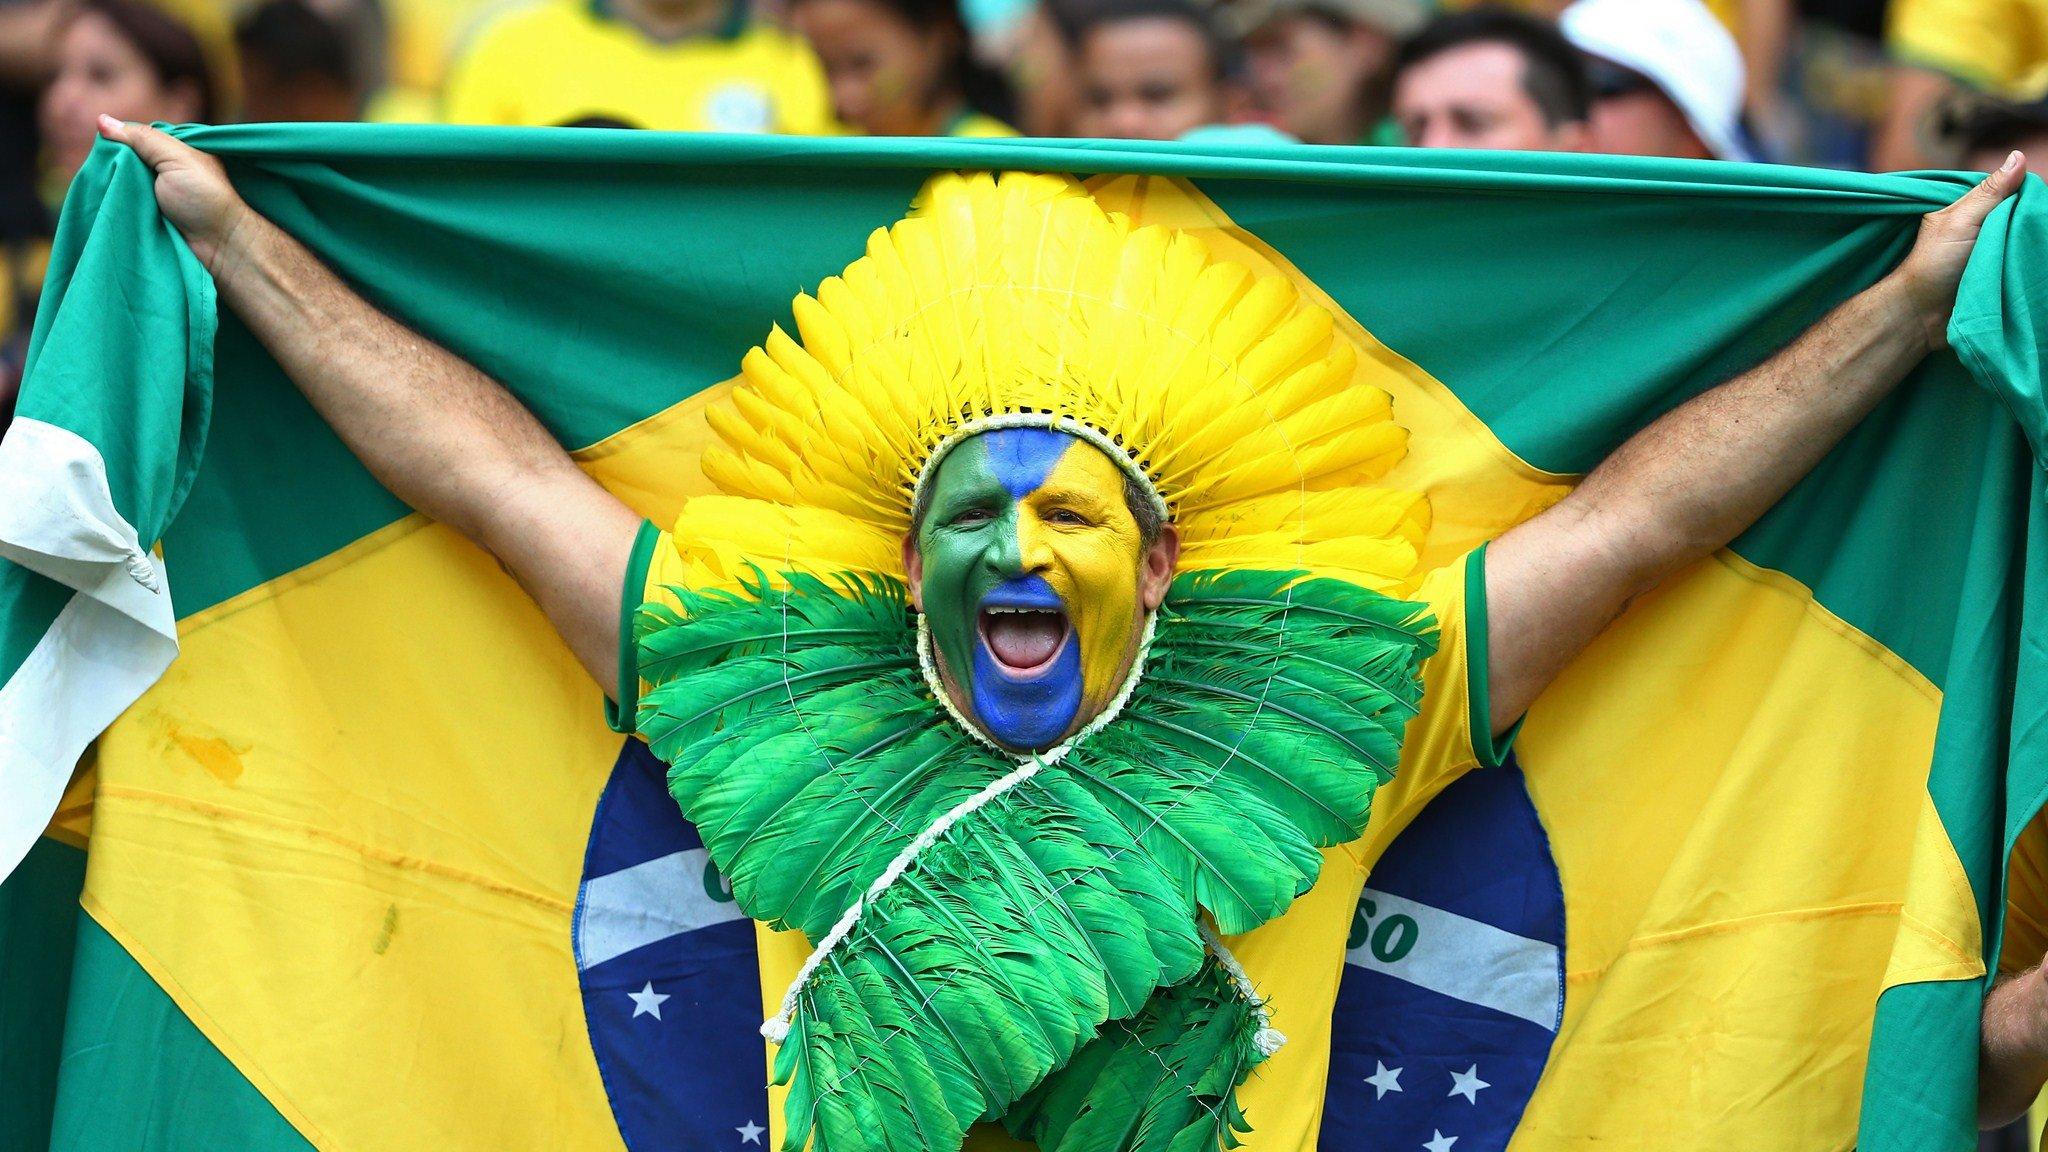 Бразилия отмечает День независимости ! С Праздником !